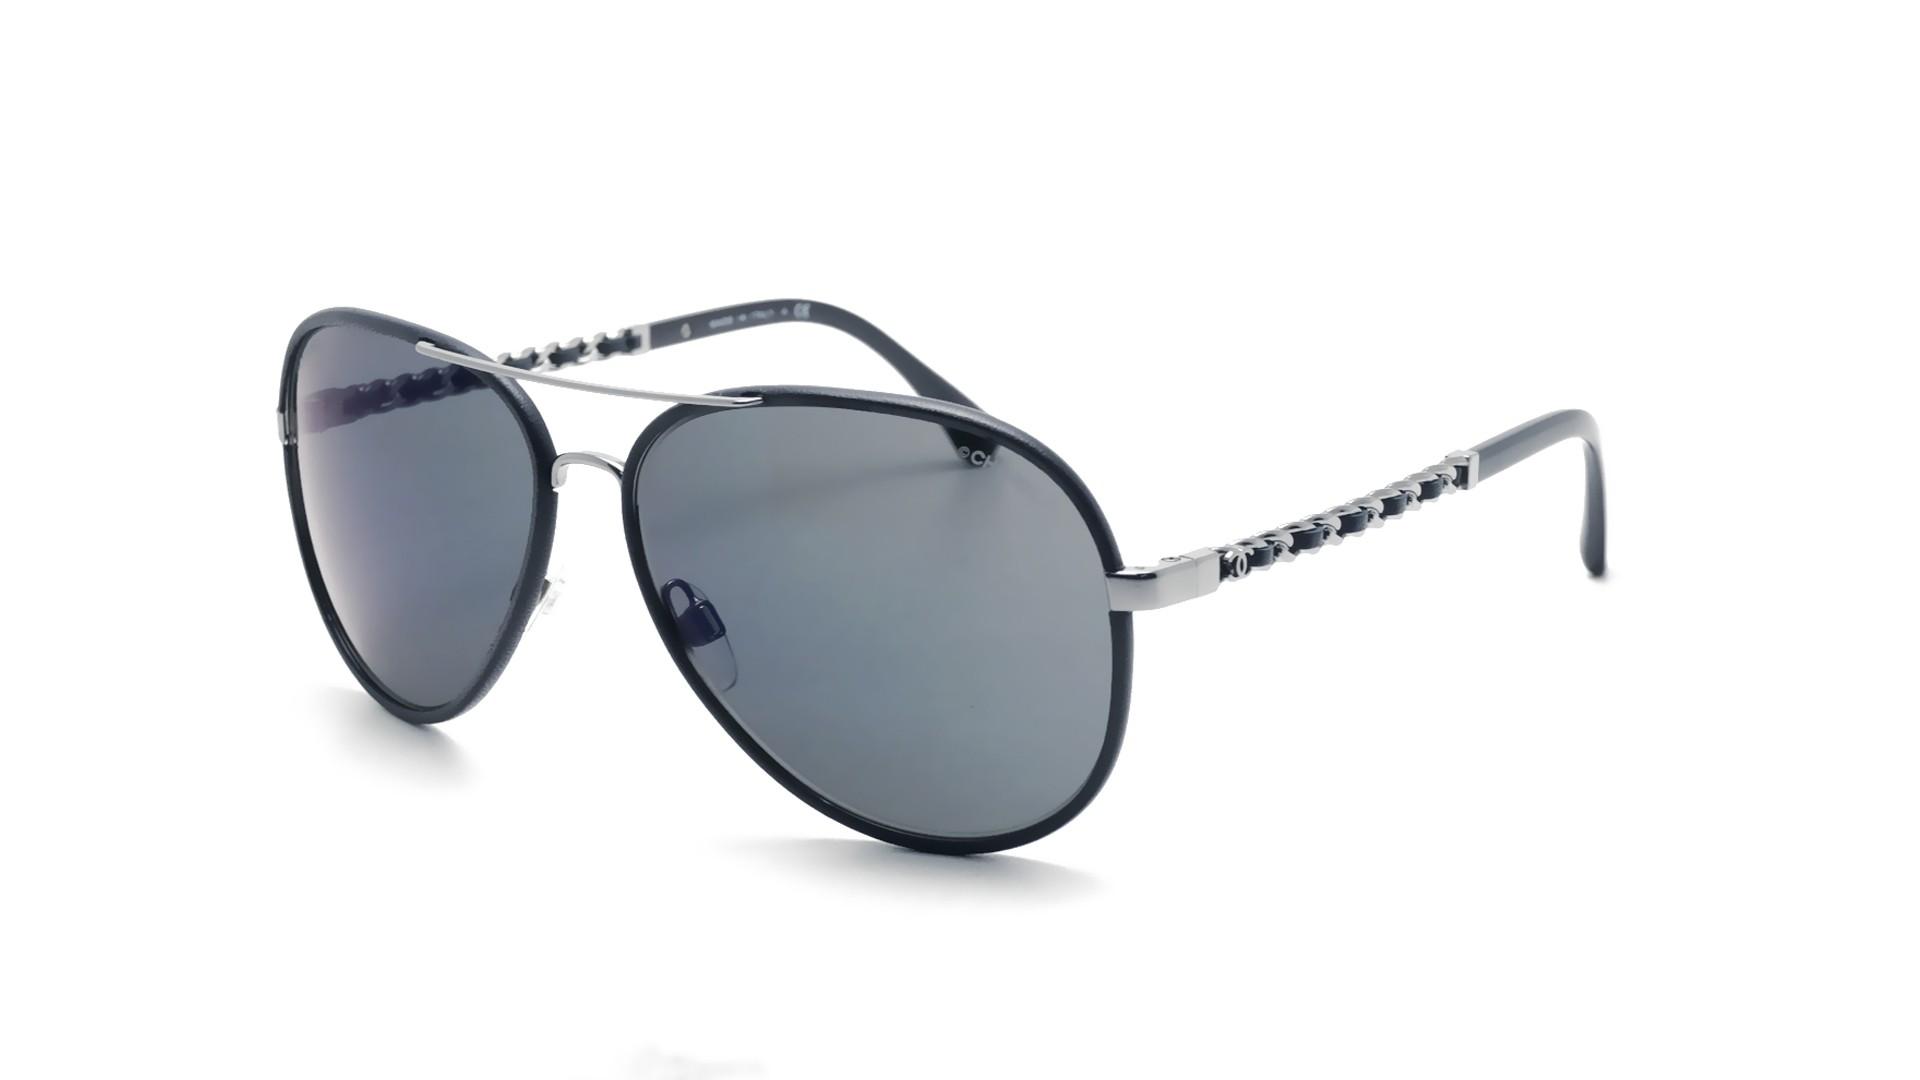 e489d02d95191 Trouvez votre paire de lunette de soleil Ray-Ban et d autres marques pas  cher et bien notés ICI Lunette de soleil 2017 chanel